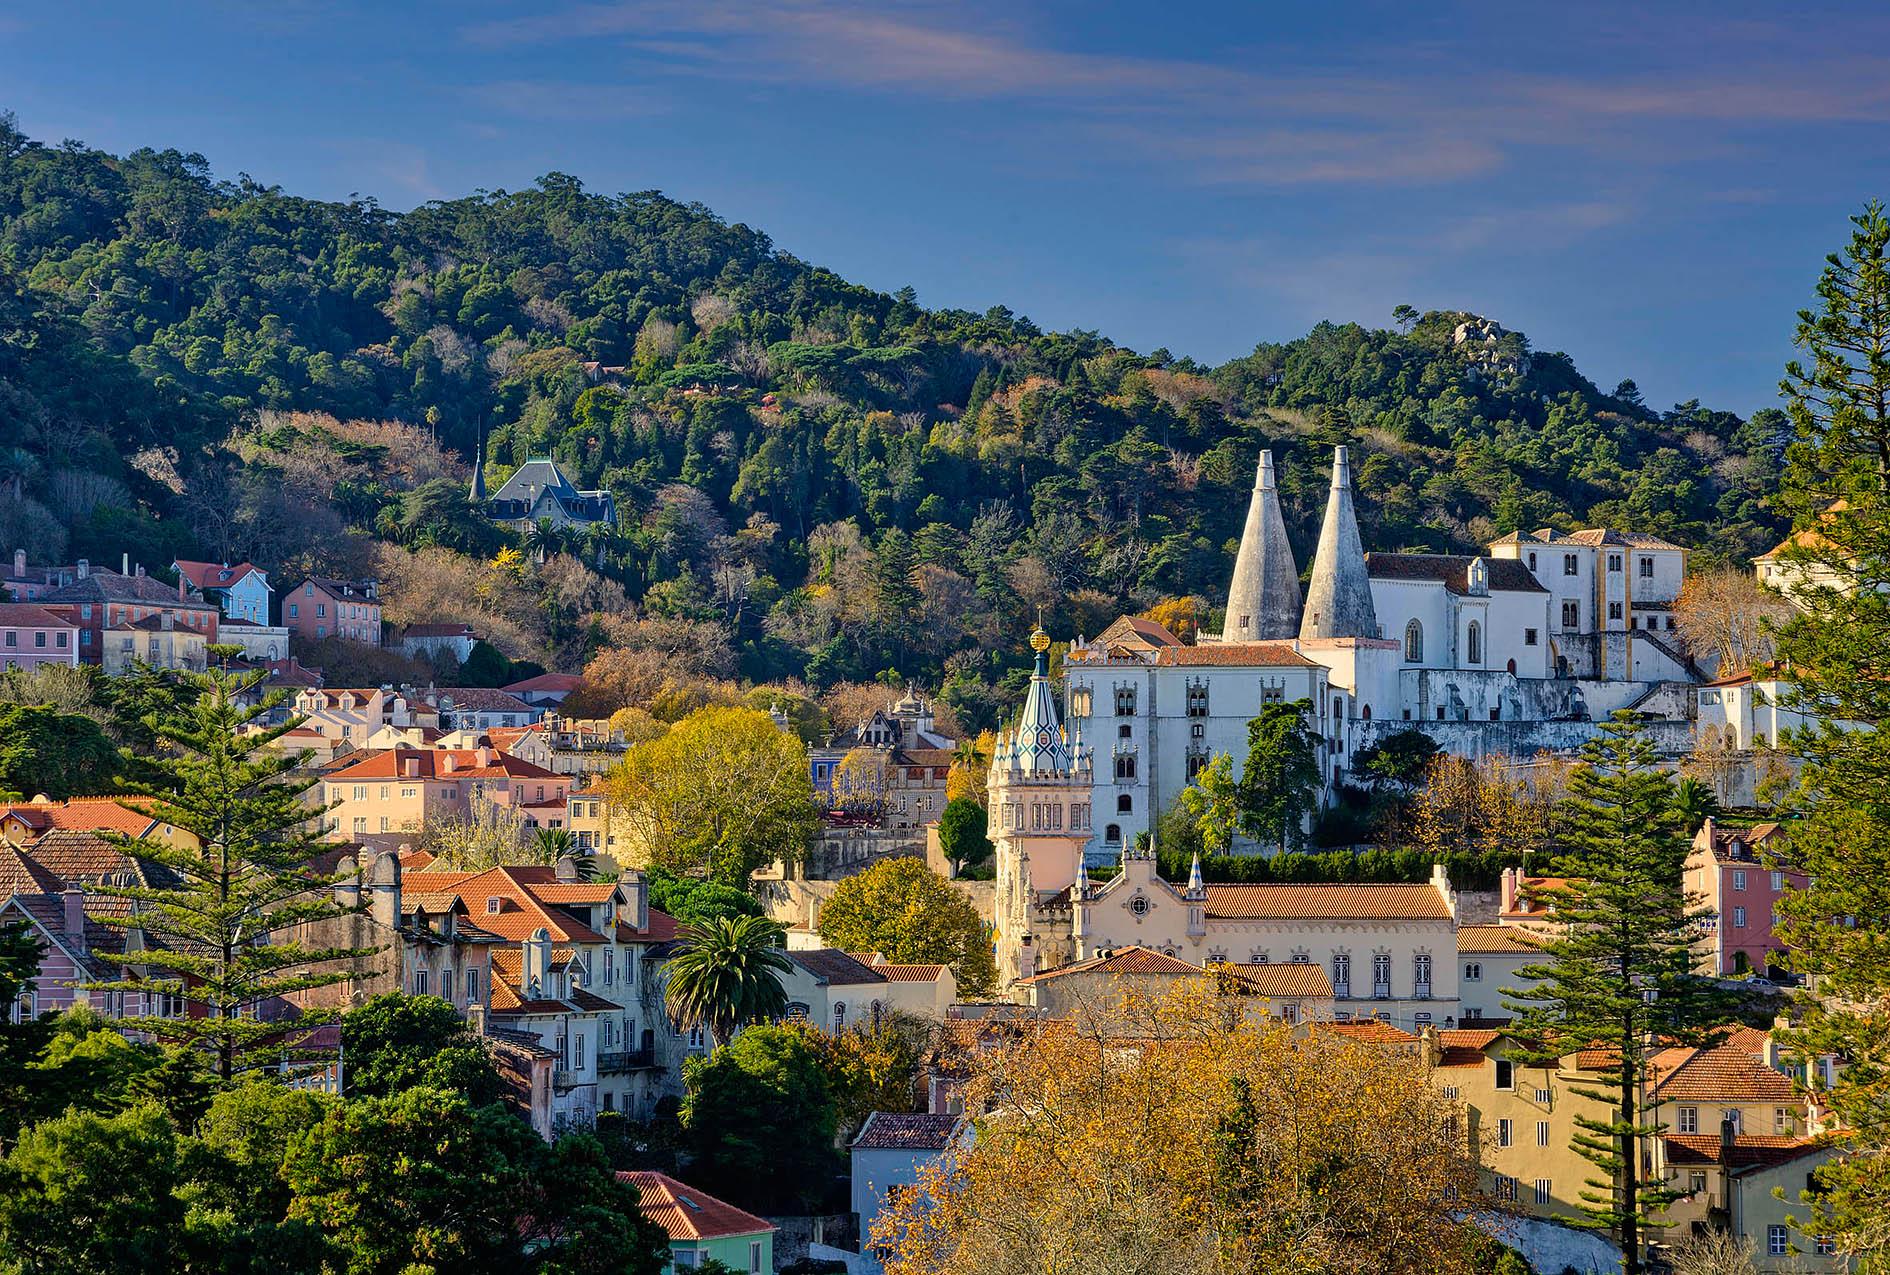 Sintra town and hills, Costa de Lisboa